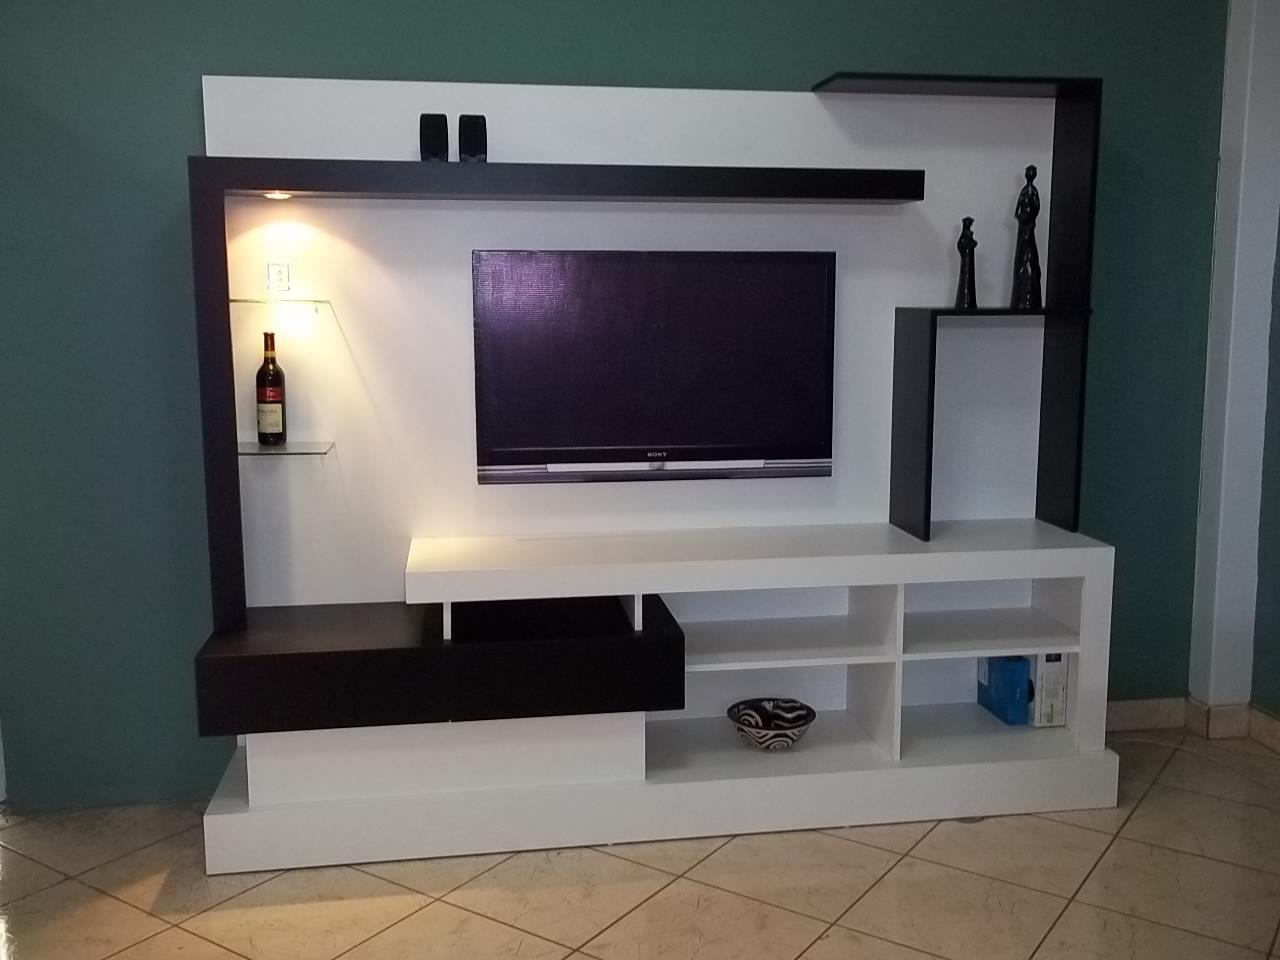 fotos de muebles de entretenimiento - Fotos del control del Amazon TV, consola y centro de